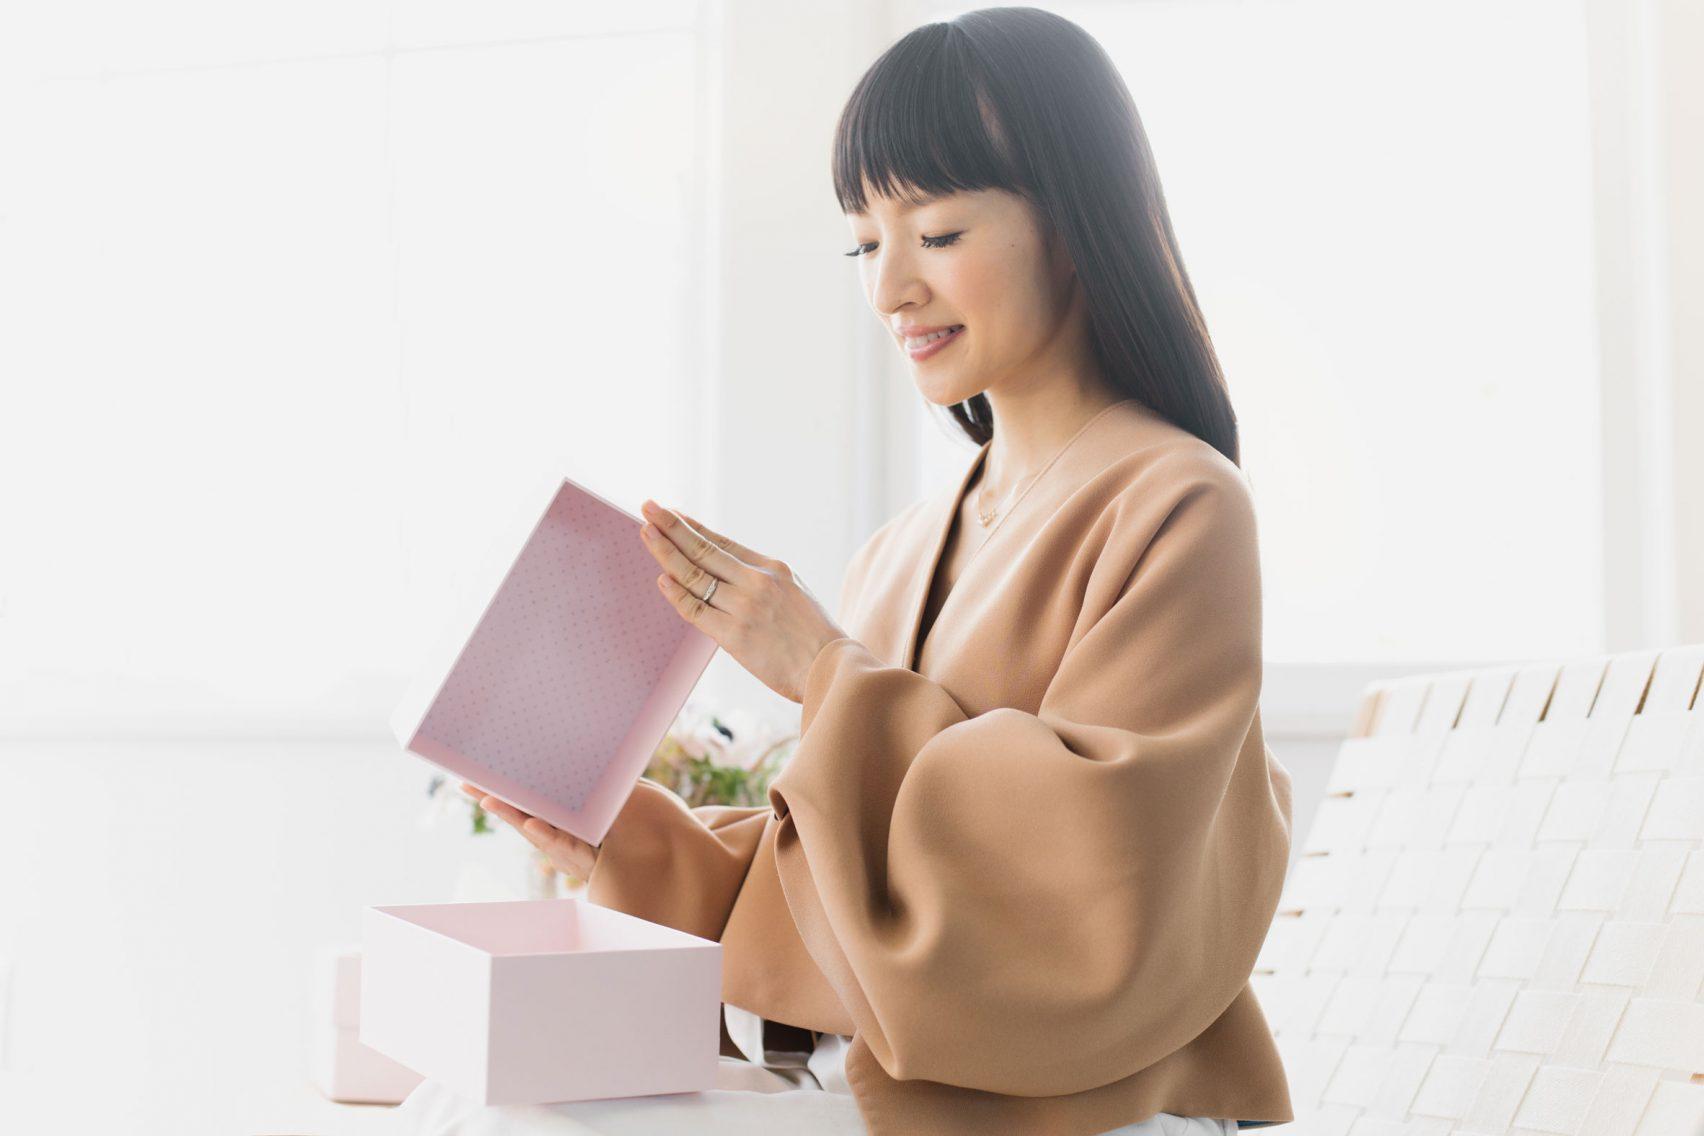 Foto: reprodução/Hikidashi Boxes